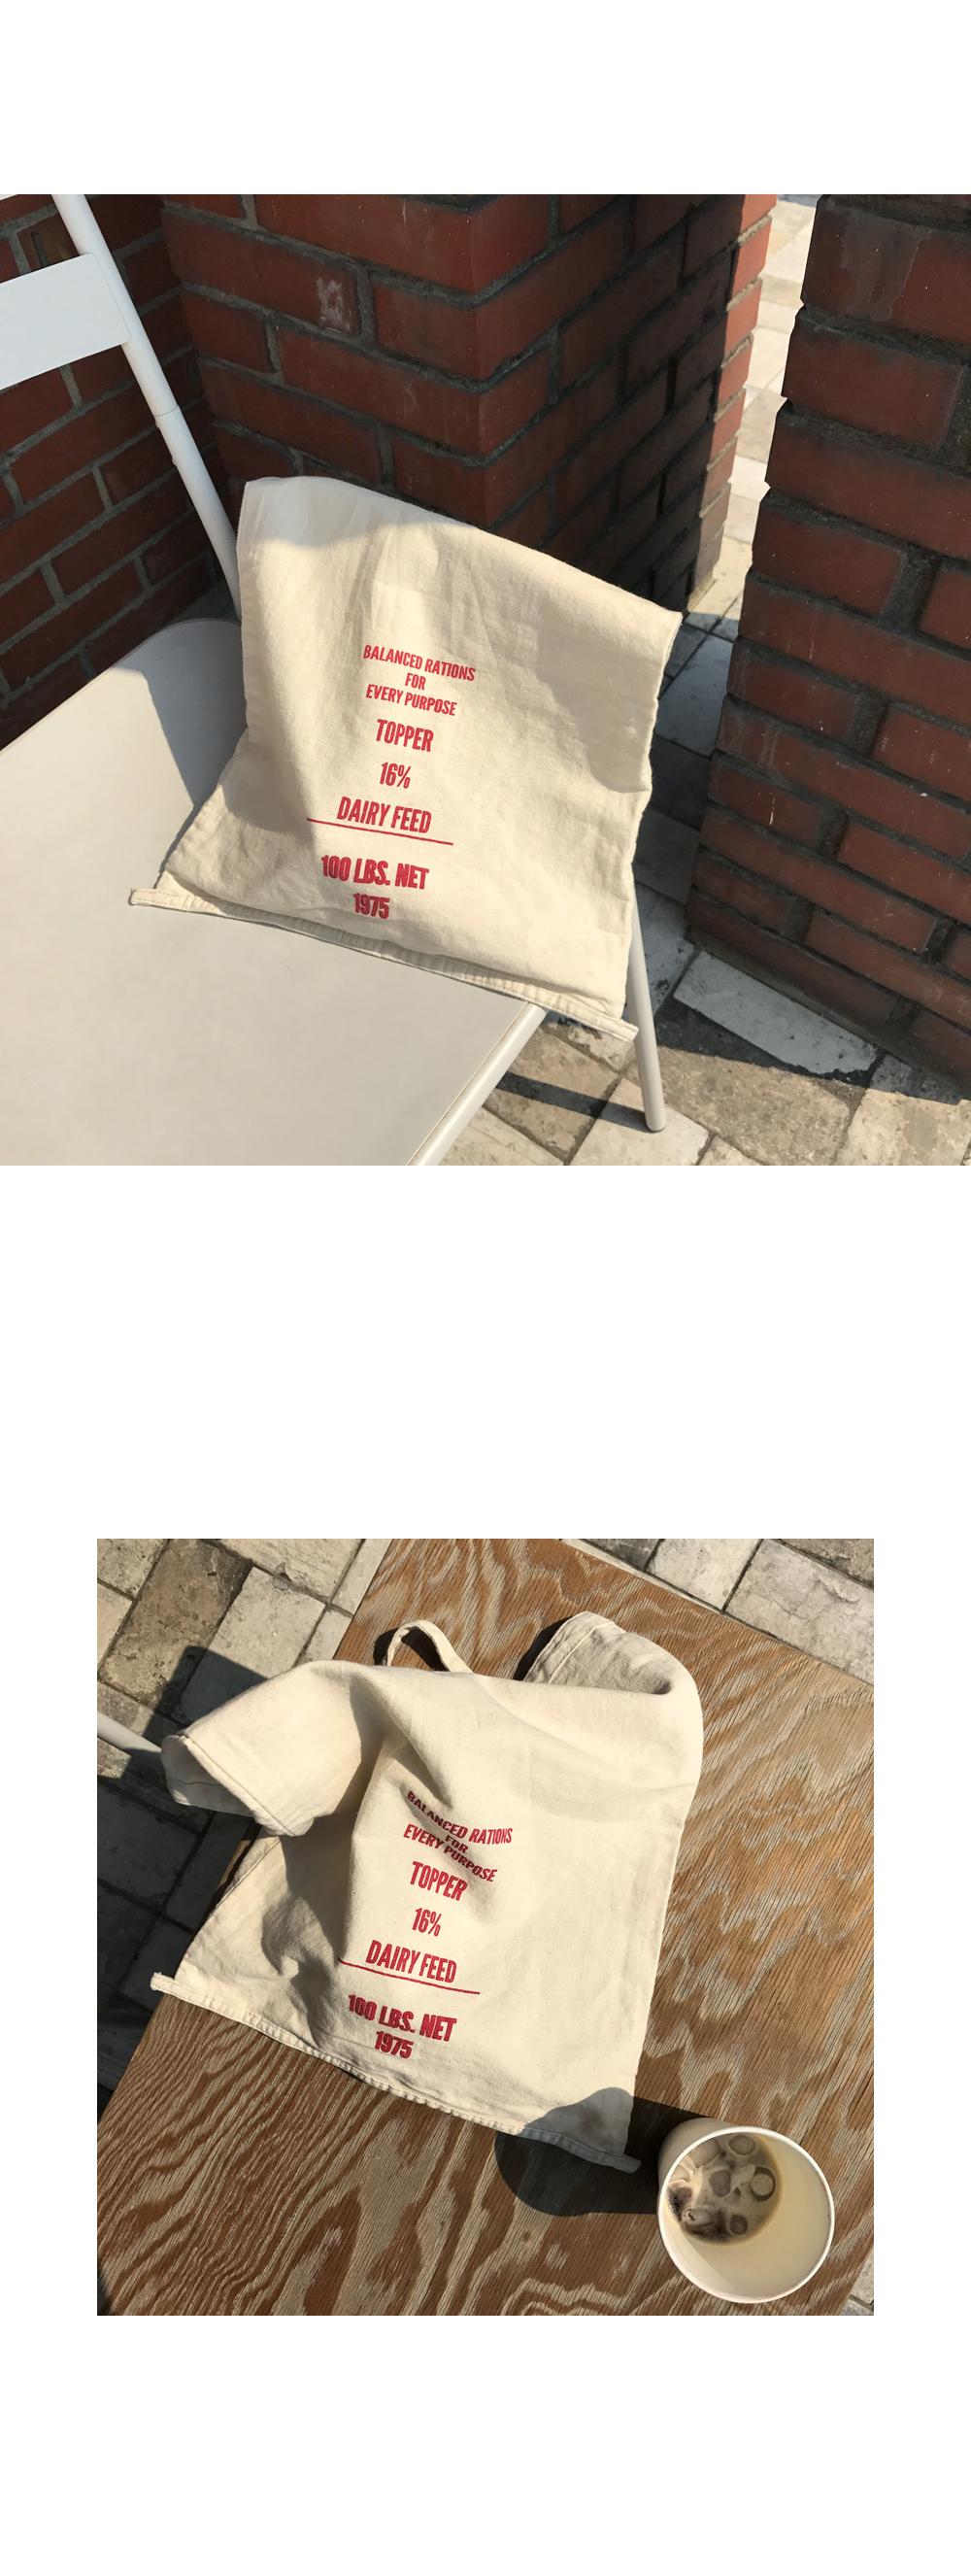 Grain store bag